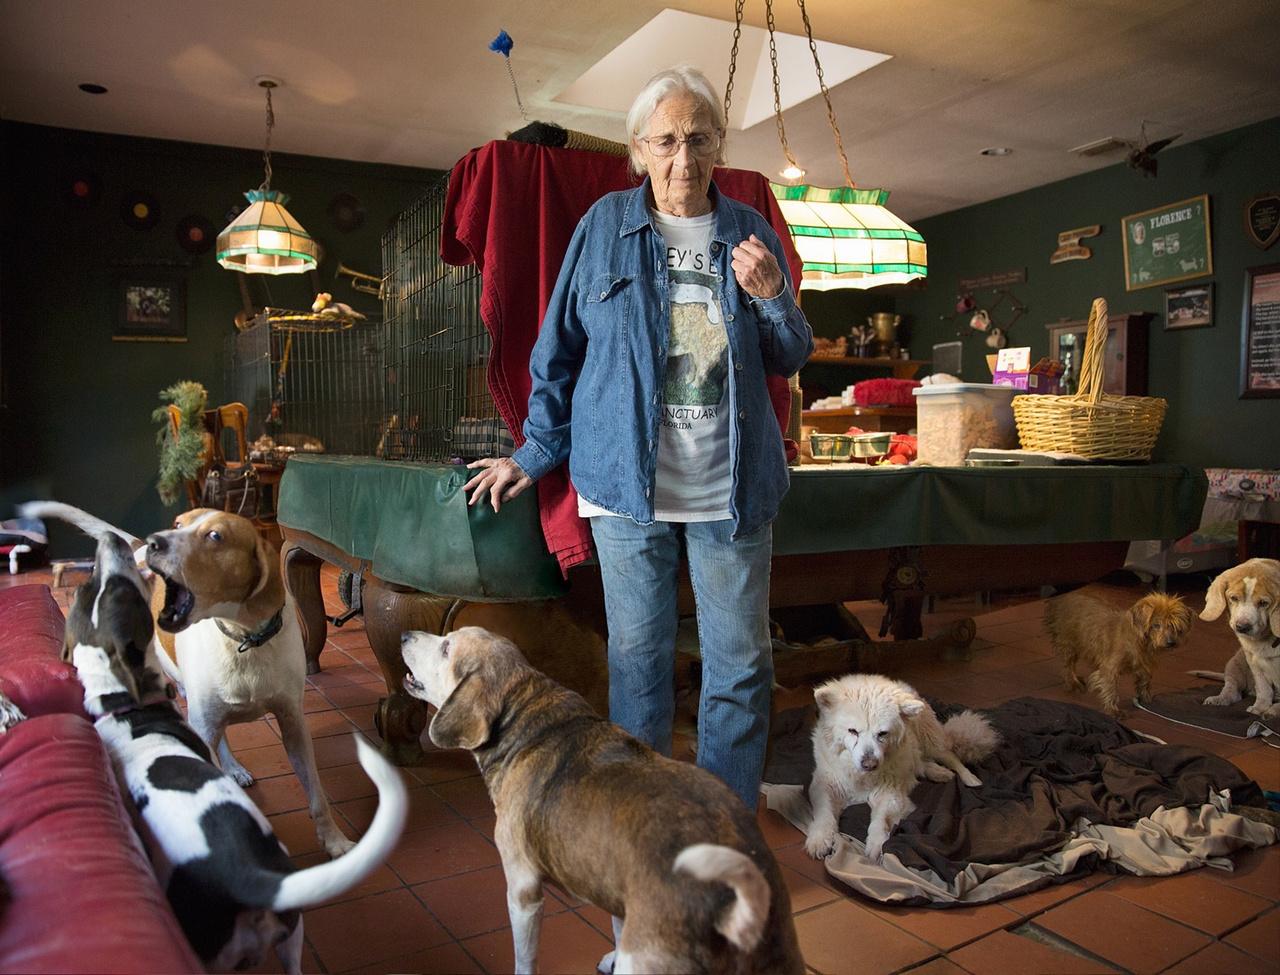 """""""Azt láttam, hogy van valamilyenfajta szeretet minden általam megfigyelt ember és állat közti kapcsolatban"""" - mondja Seiler. """"Tanúja voltam annak, hogy mindenkinek van egy elmesélni való története."""""""